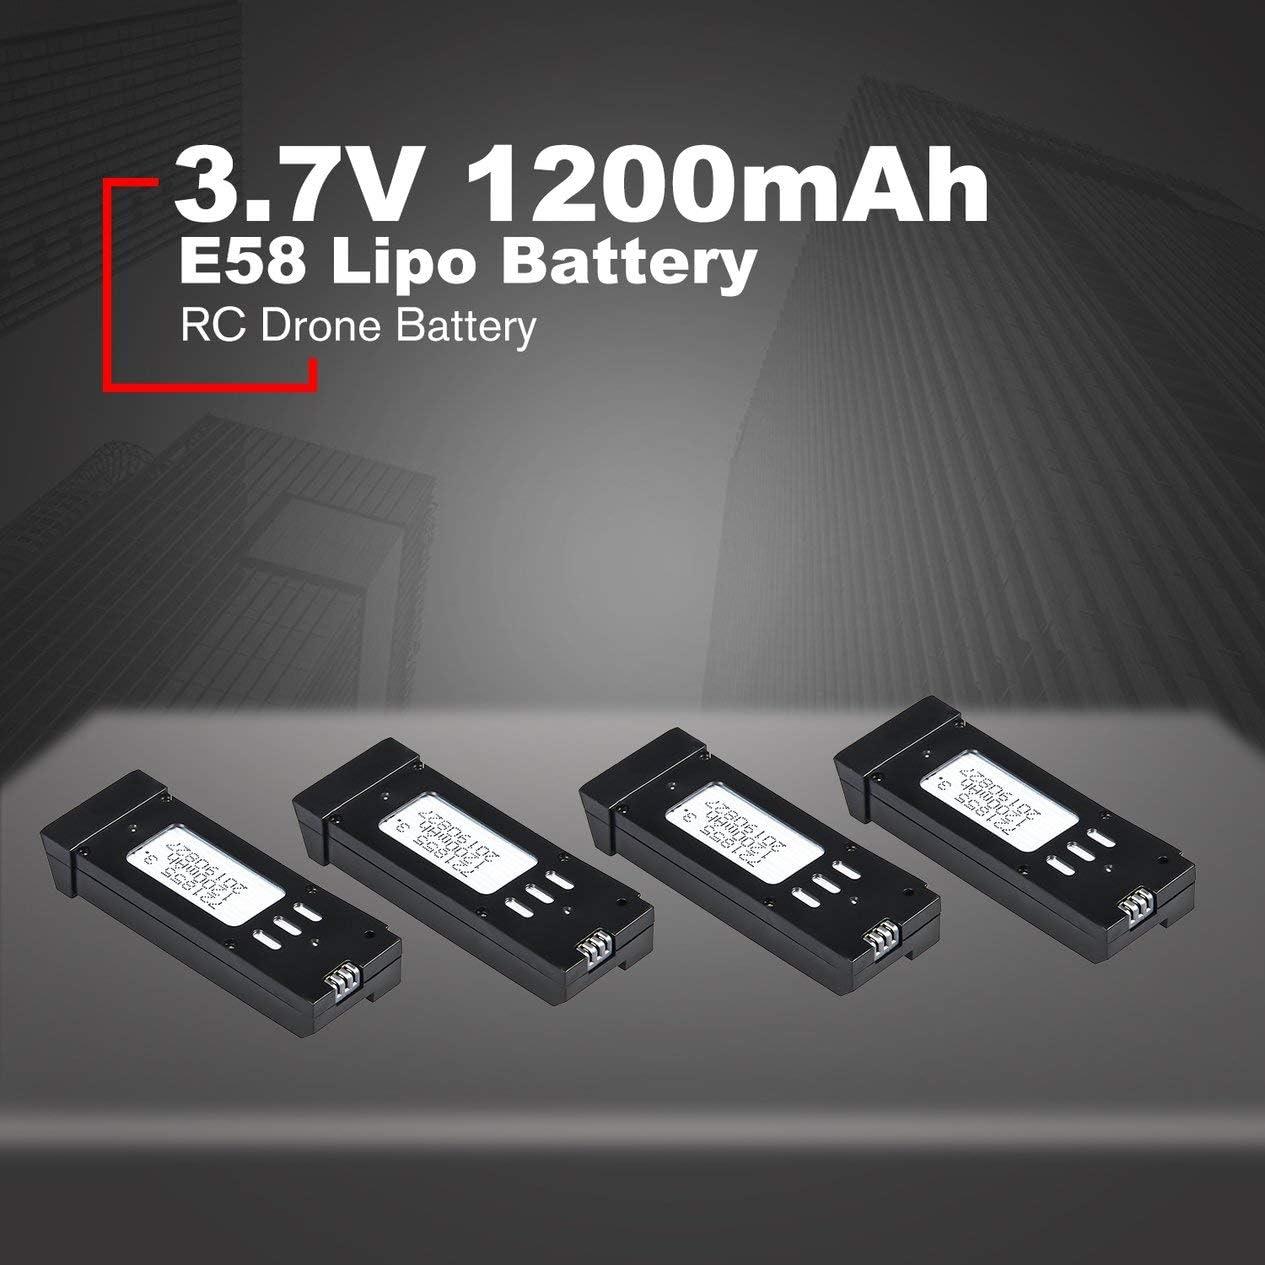 Negro BCVBFGCXVB 4Pcs 3.7V 1200mAh Bater/ía de lipo con Unidades de Cargador Cable para E58 JY019 Repuestos de Aviones no tripulados RC Reemplace Las bater/ías Recargables